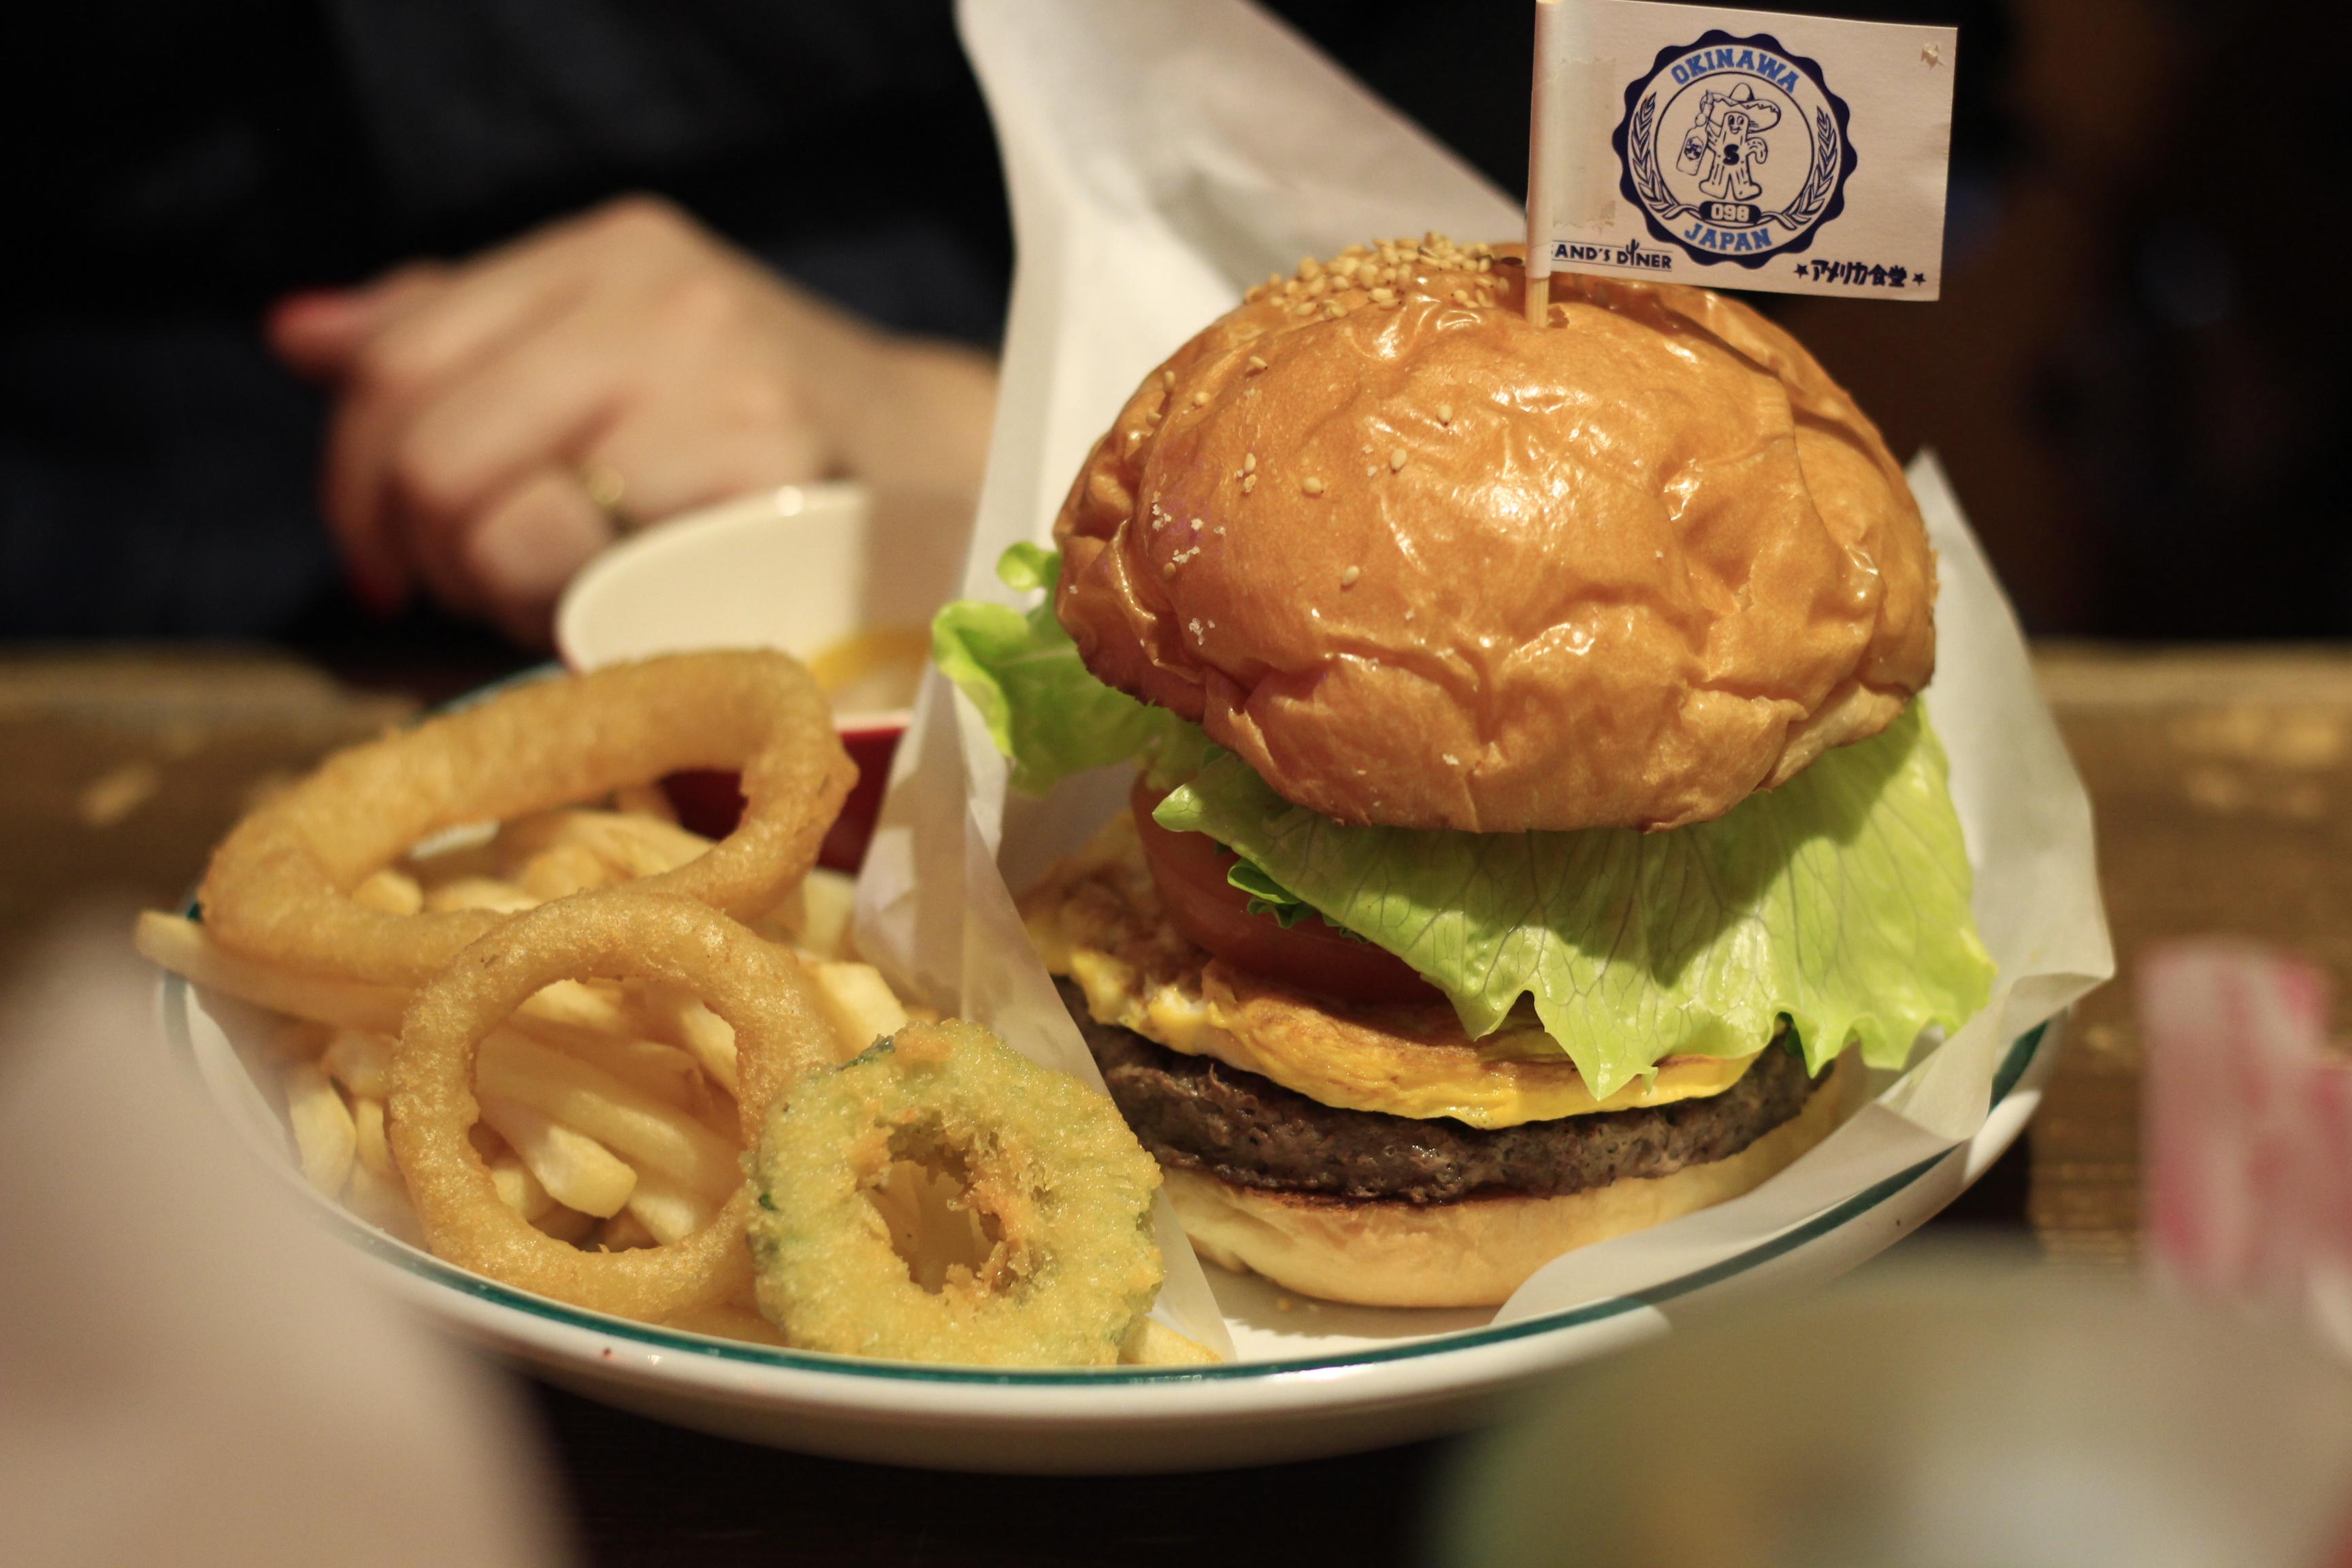 国際通り・牧志駅近くのハンバーガーショップ「アメリカ食堂」.